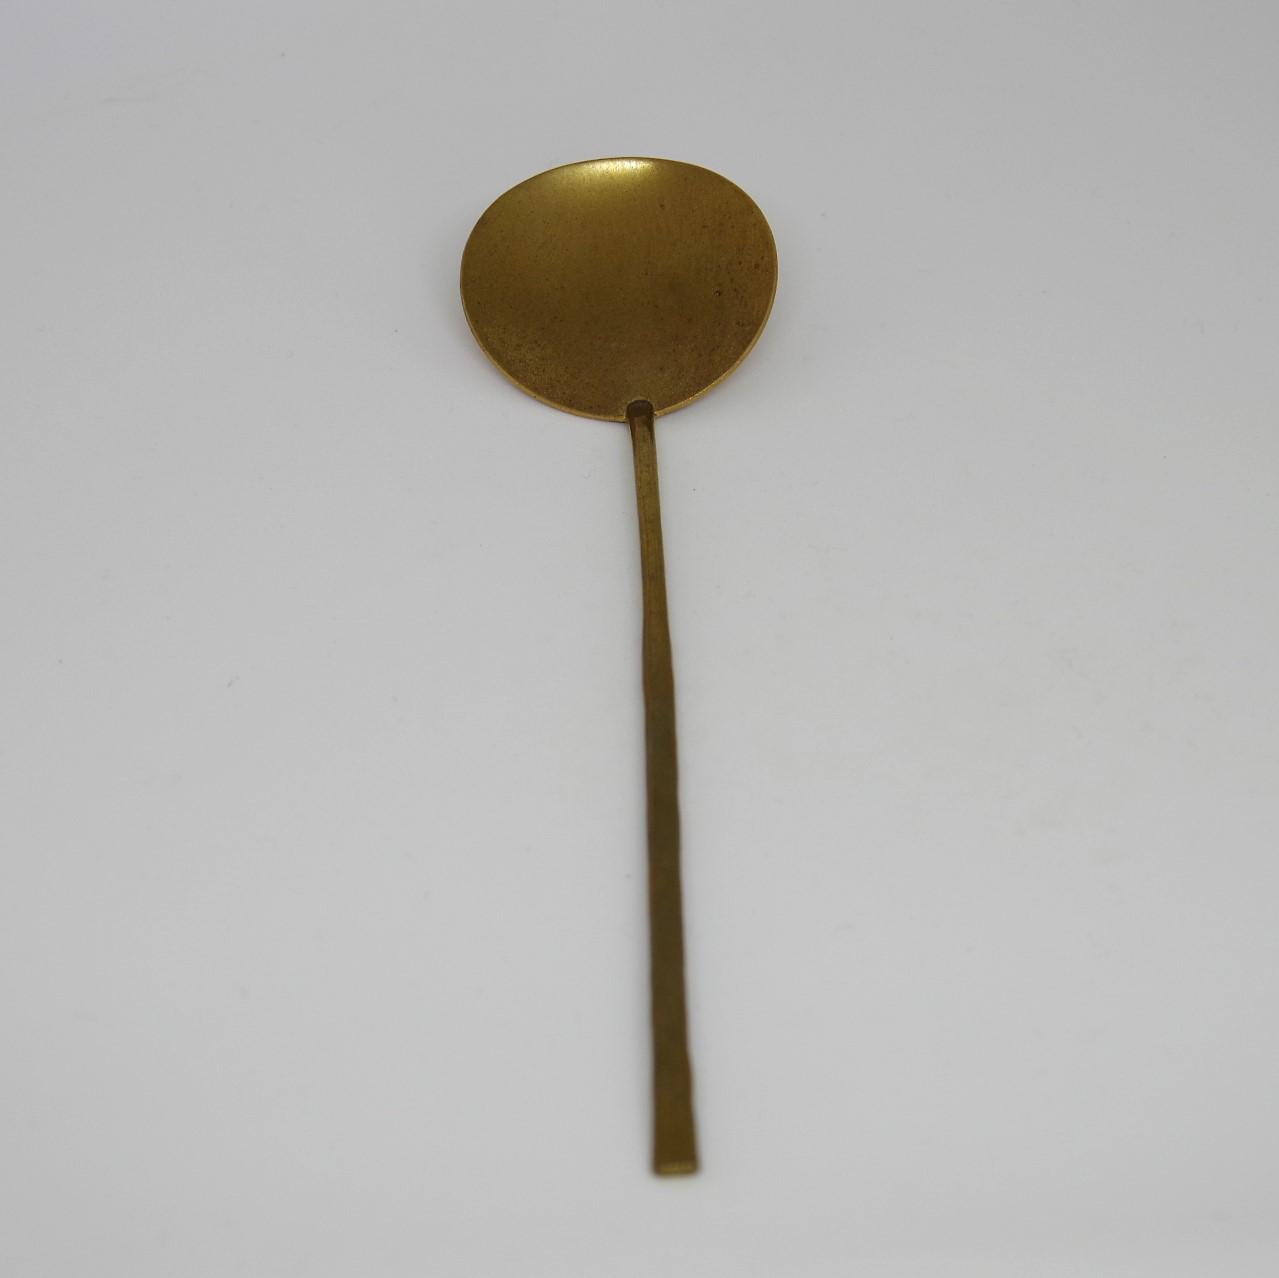 【Lue】真鍮大スプーン